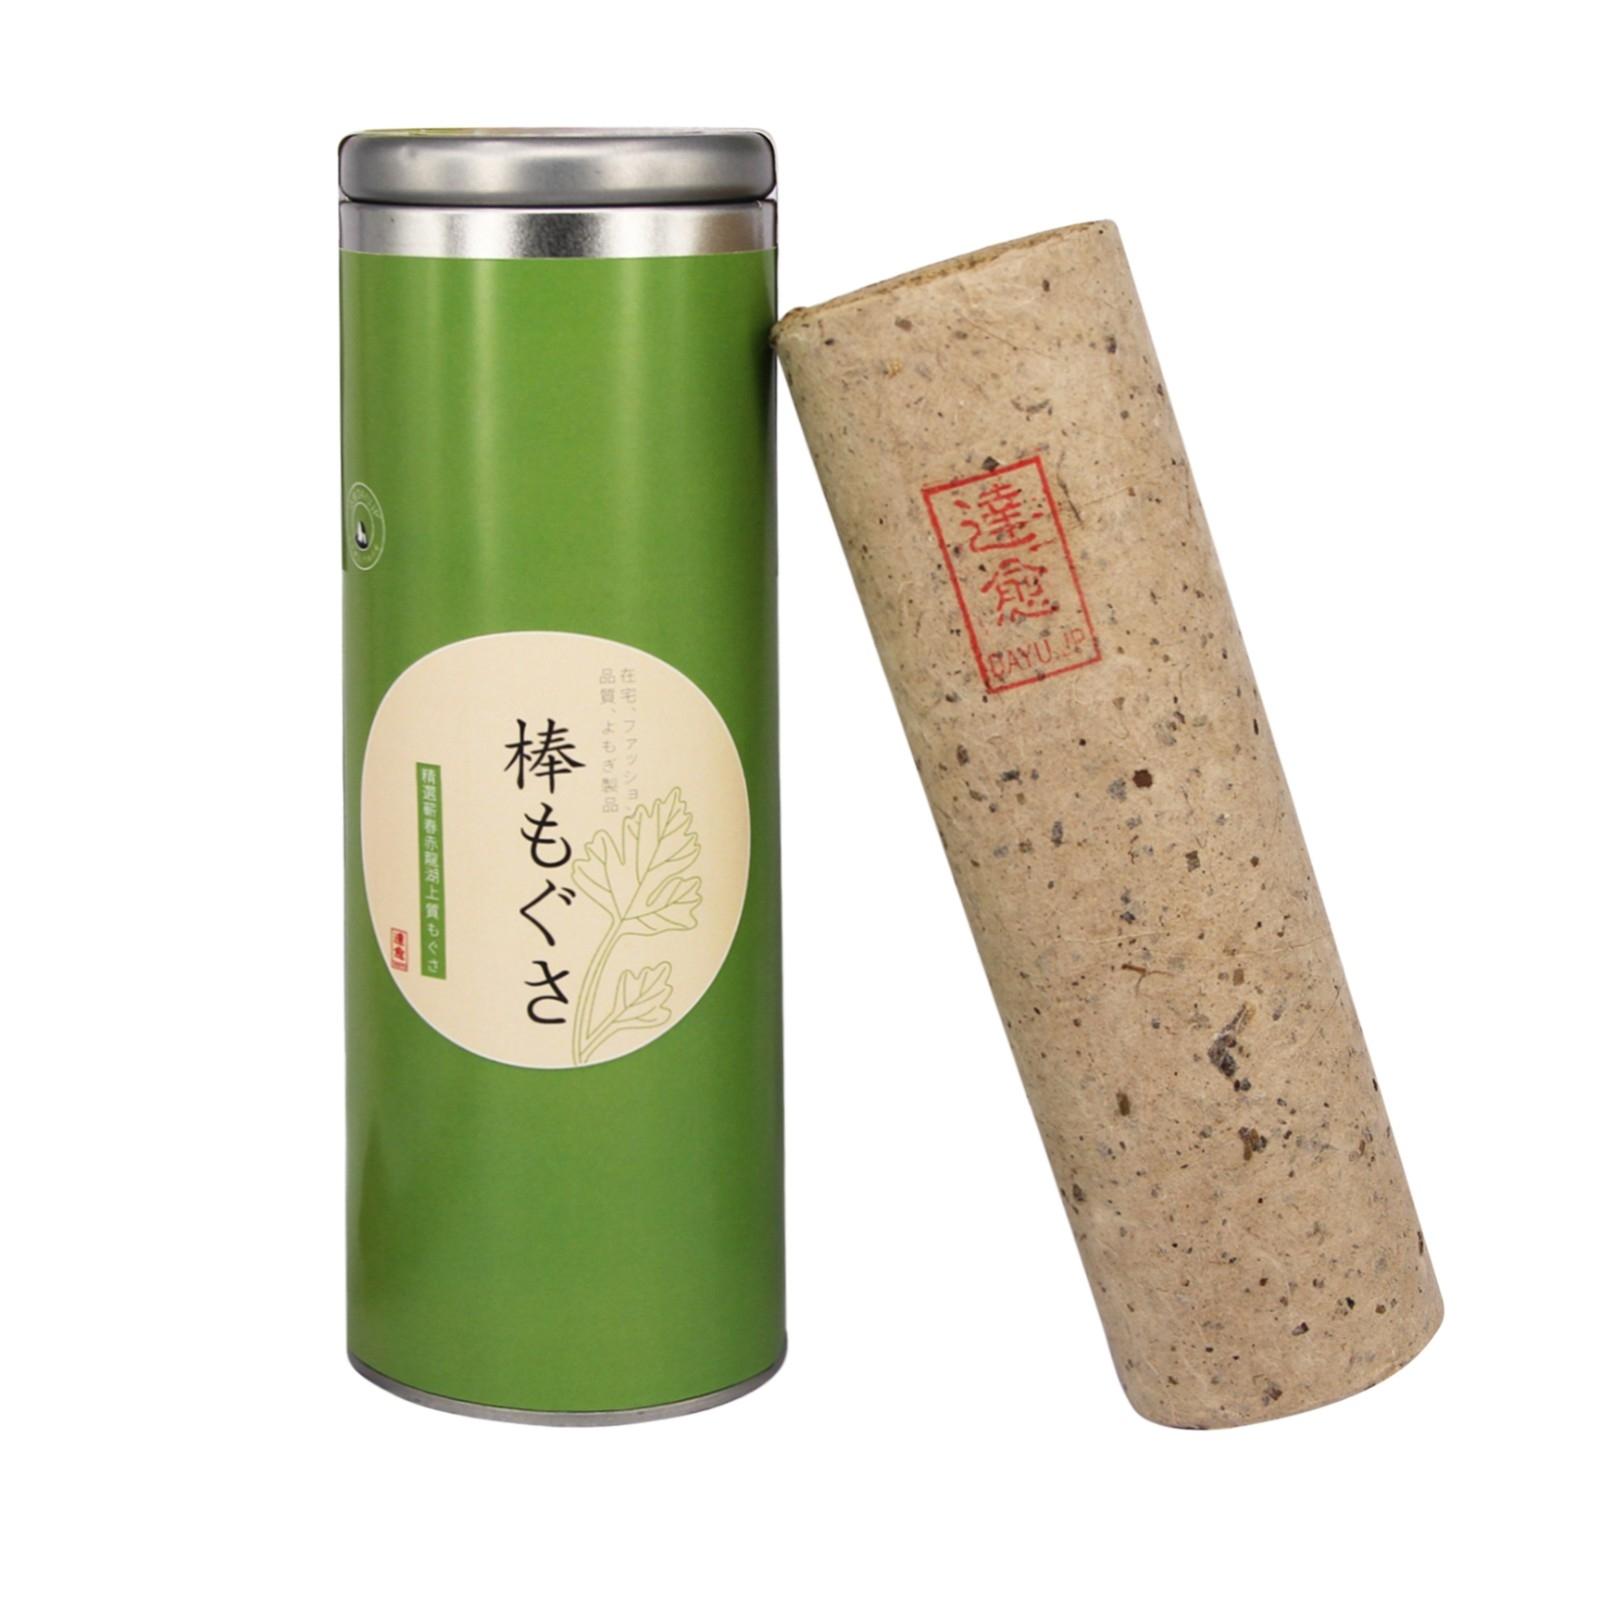 达愈出口日本3年陈雷火灸艾条艾柱艾灸家用正品纯艾桑皮纸熏灸3cm